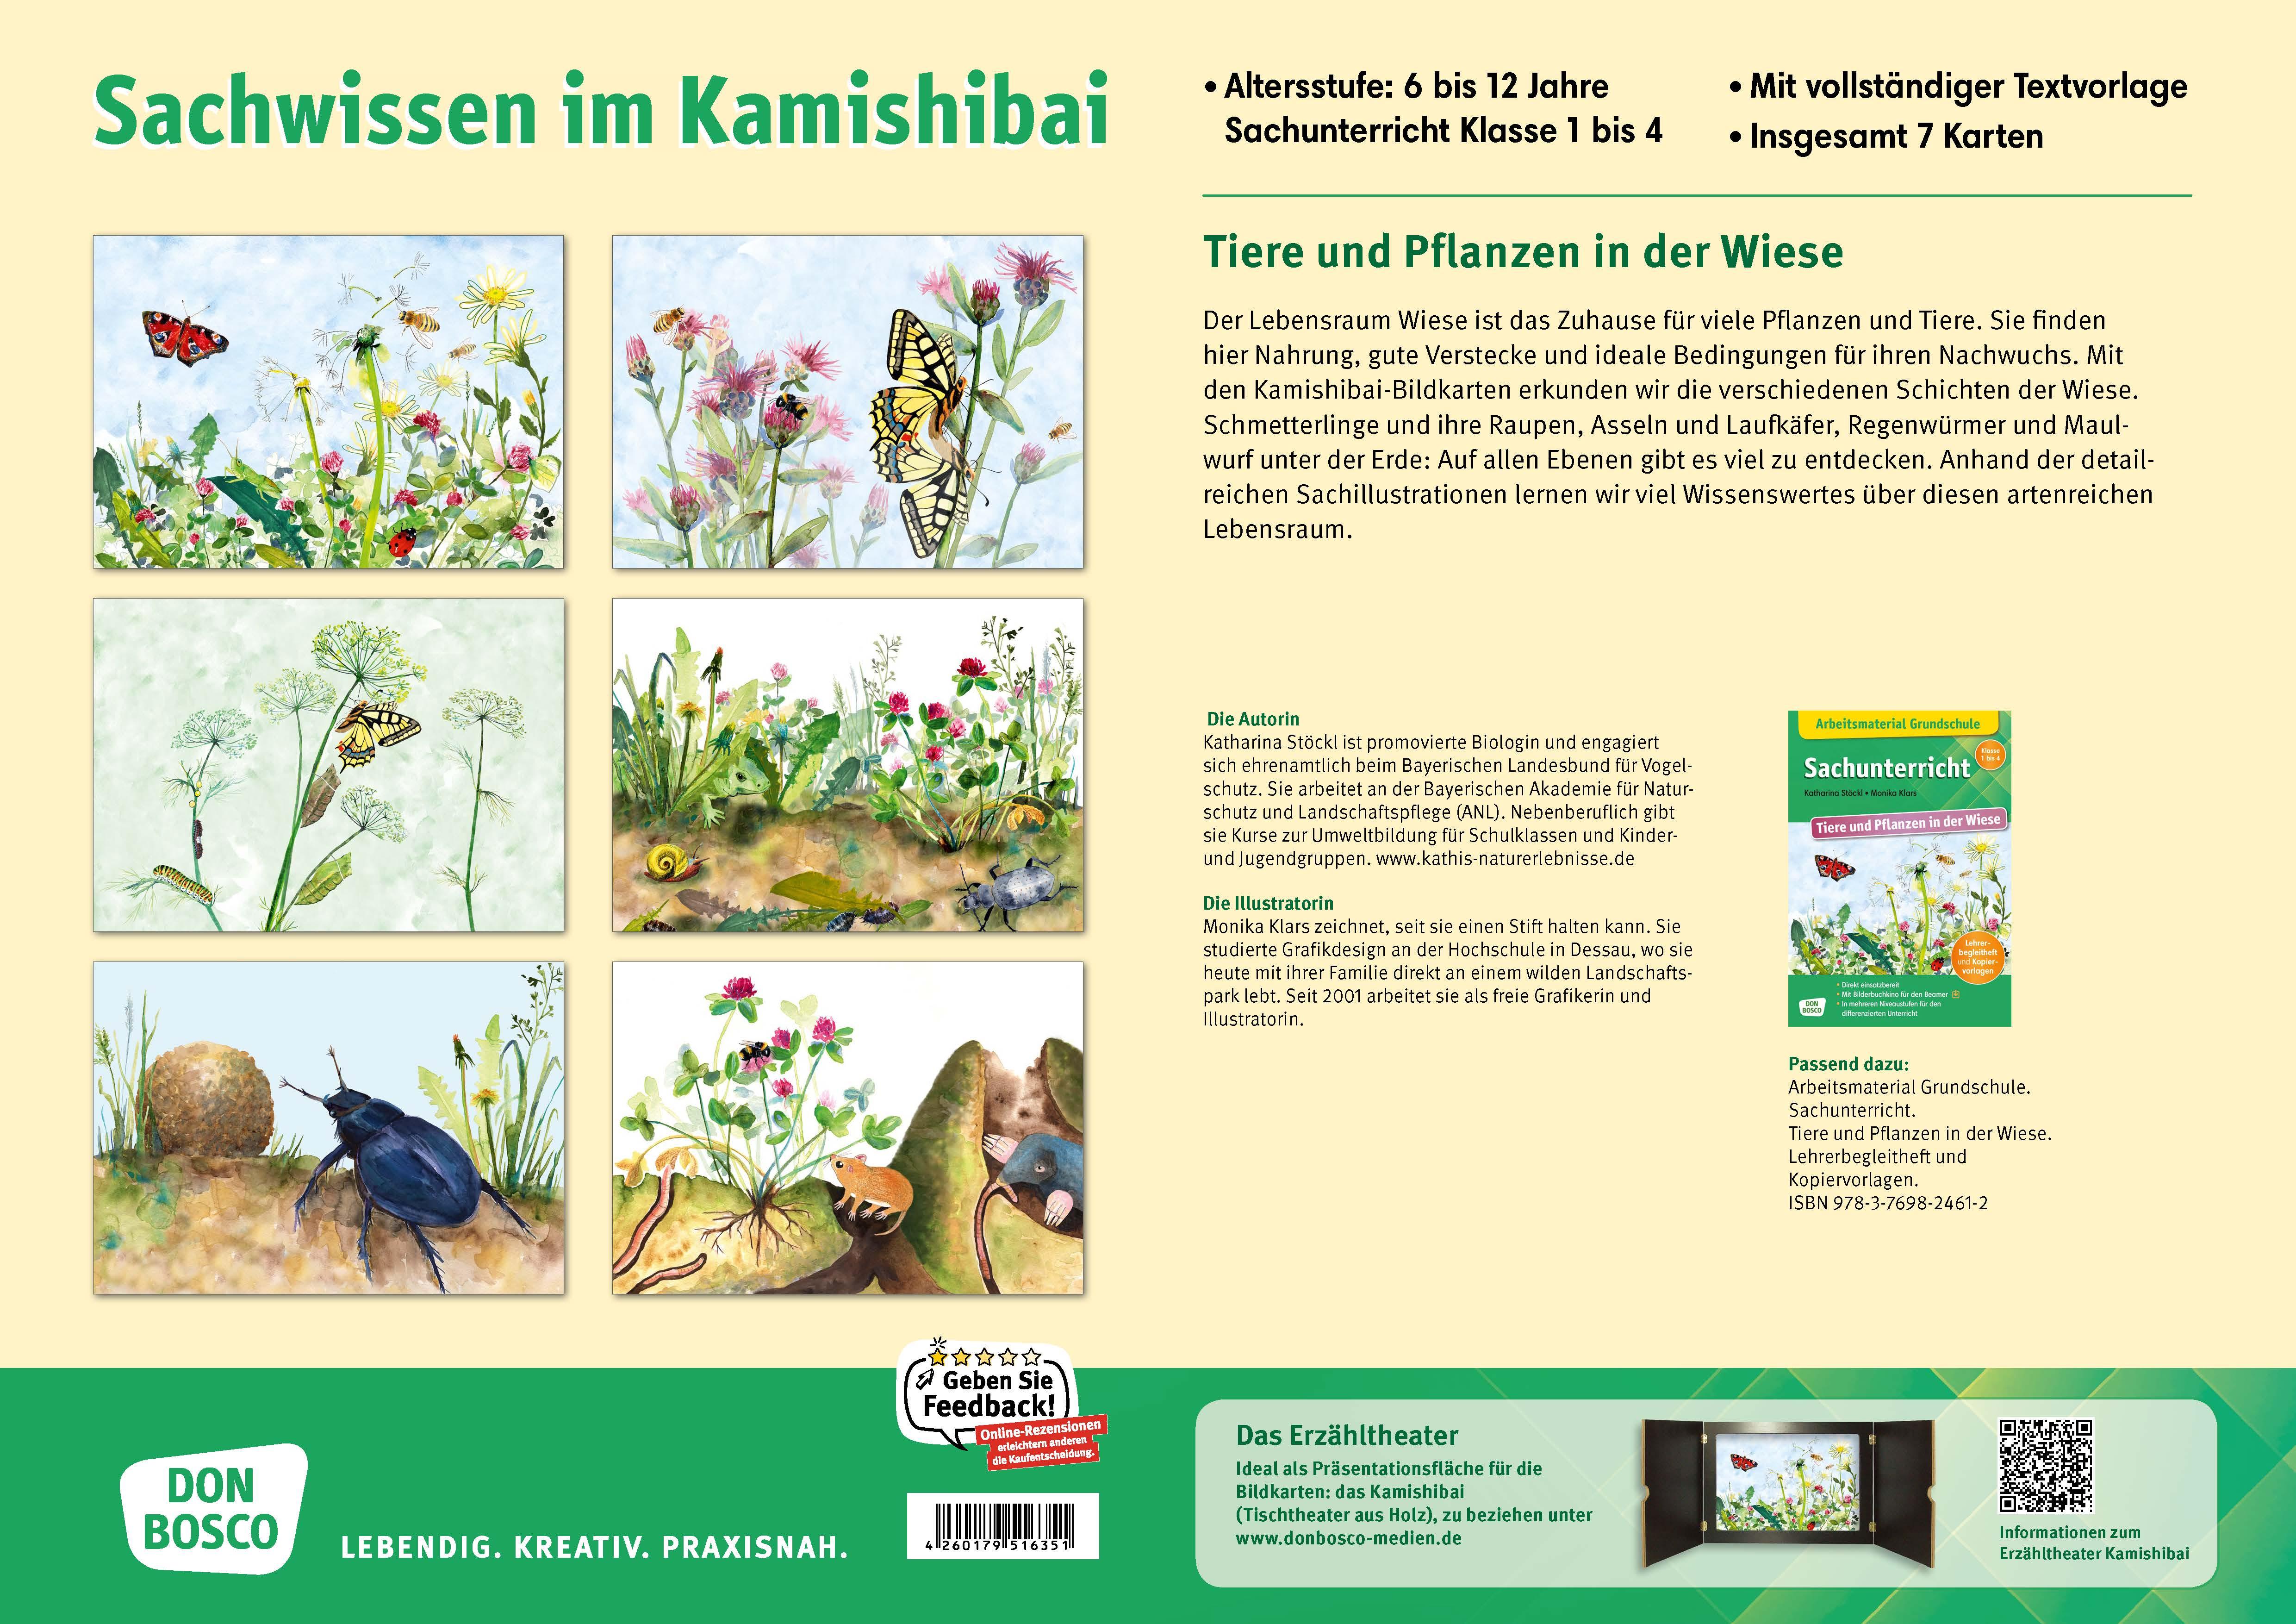 Innenansicht zu Tiere und Pflanzen in der Wiese. eKami.